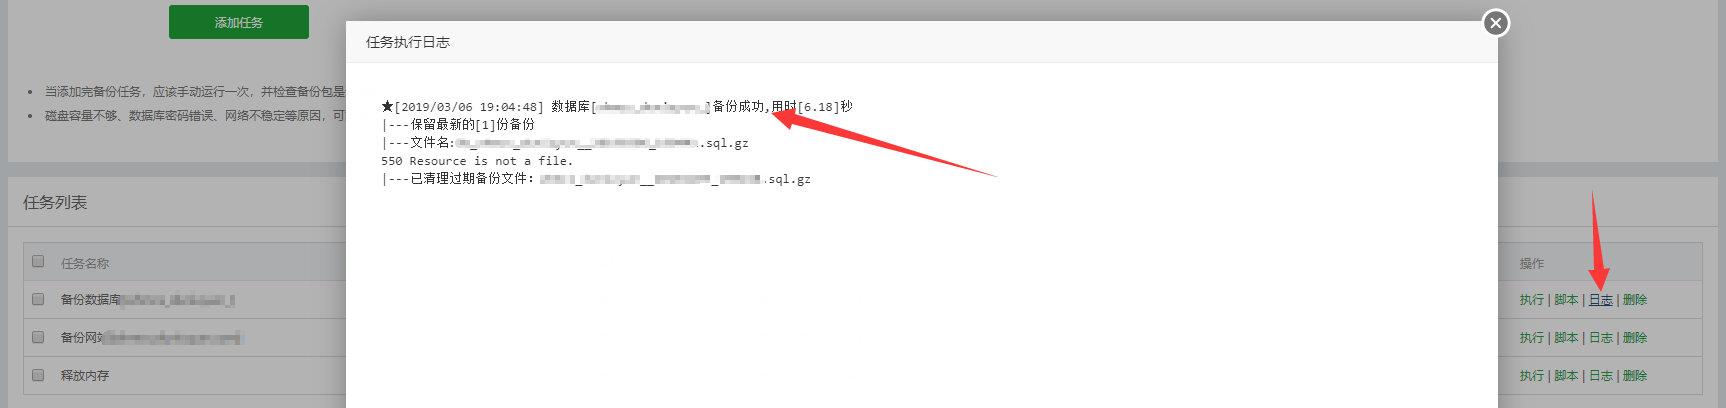 利用Openload每日免费自动备份网站/数据库 附宝塔面板实操详细教程 建站笔记 第7张